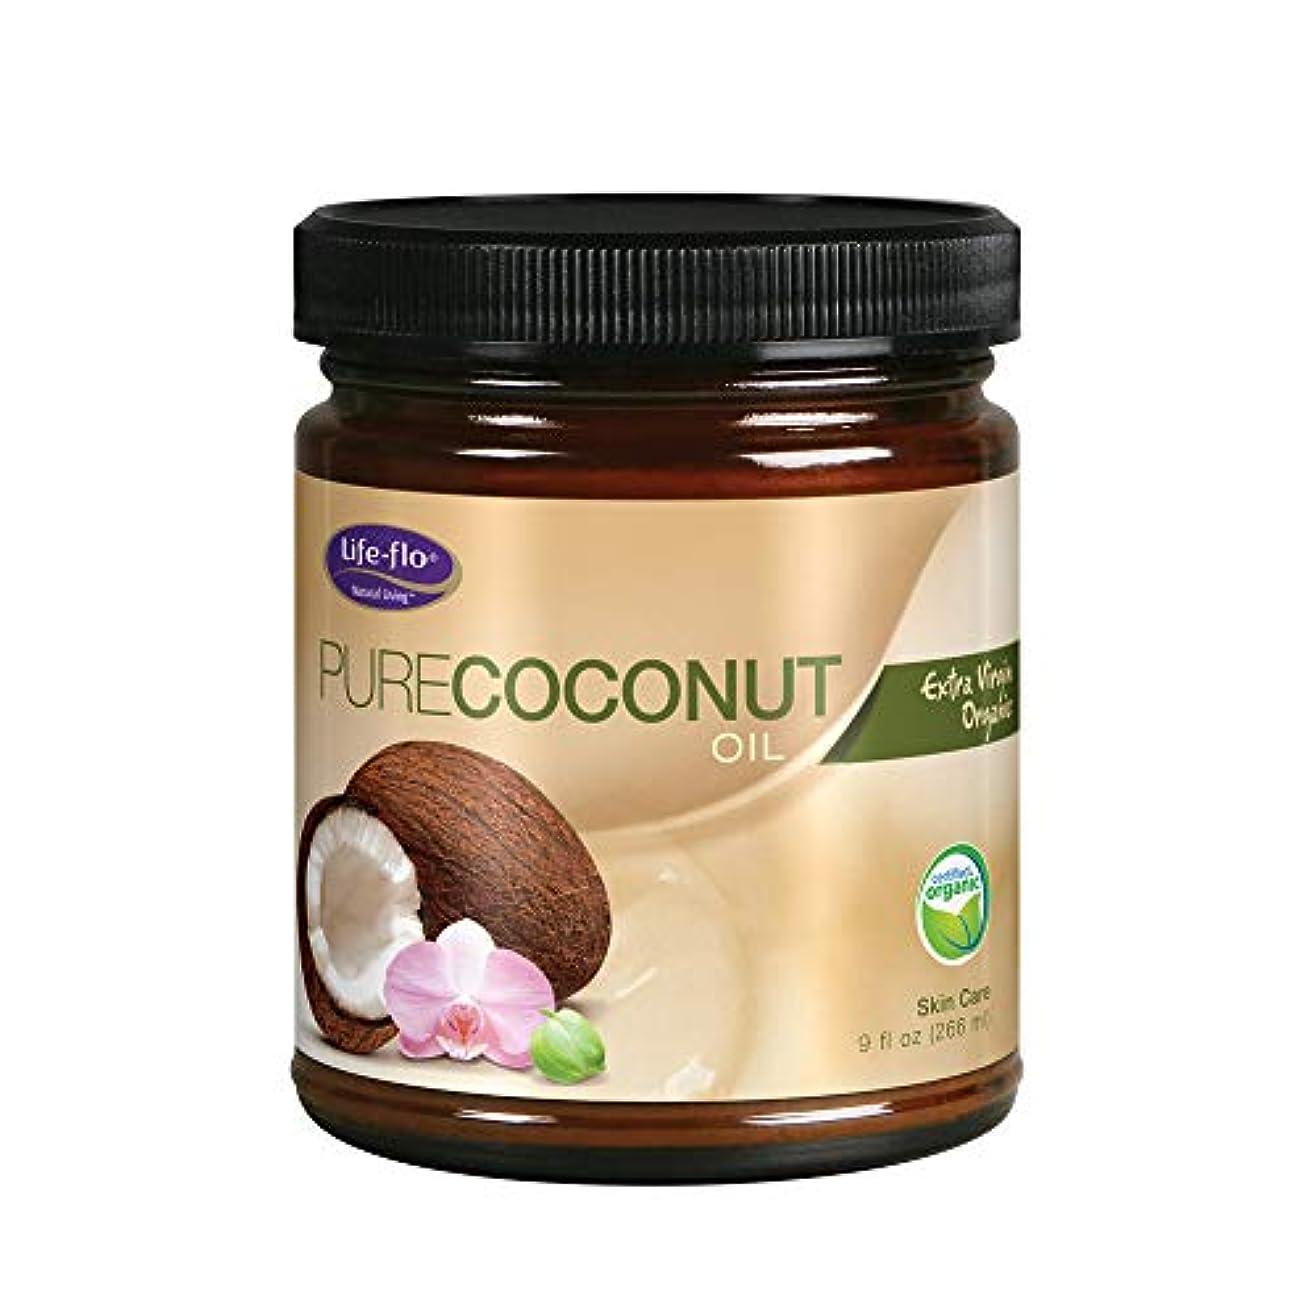 化粧同意するコンパニオン海外直送品Life-Flo Pure Coconut Oil Organic Extra Virgin, 9 oz